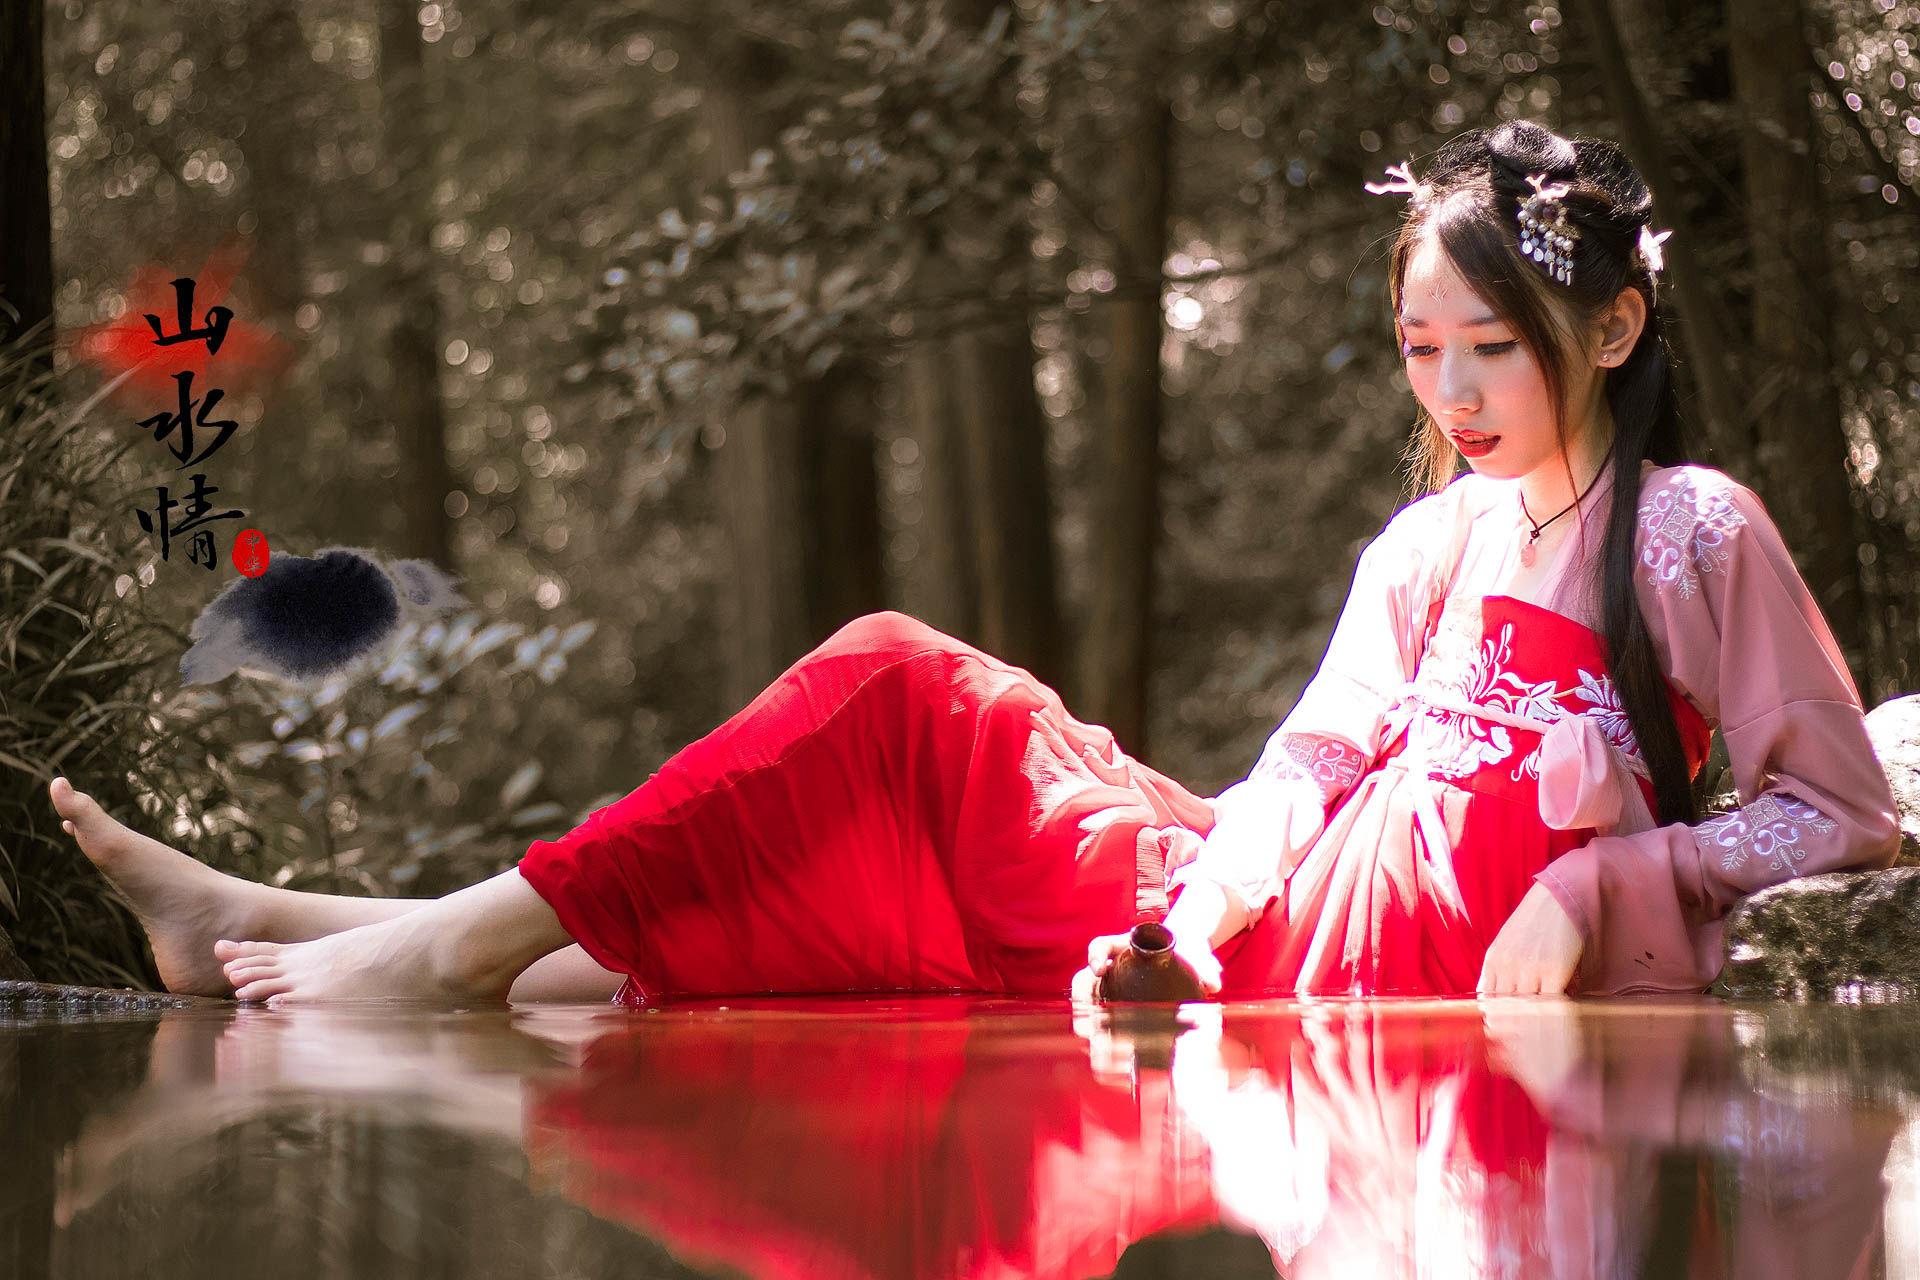 2018-08-04 杭州九溪旅拍_摄影师晦恩的返片